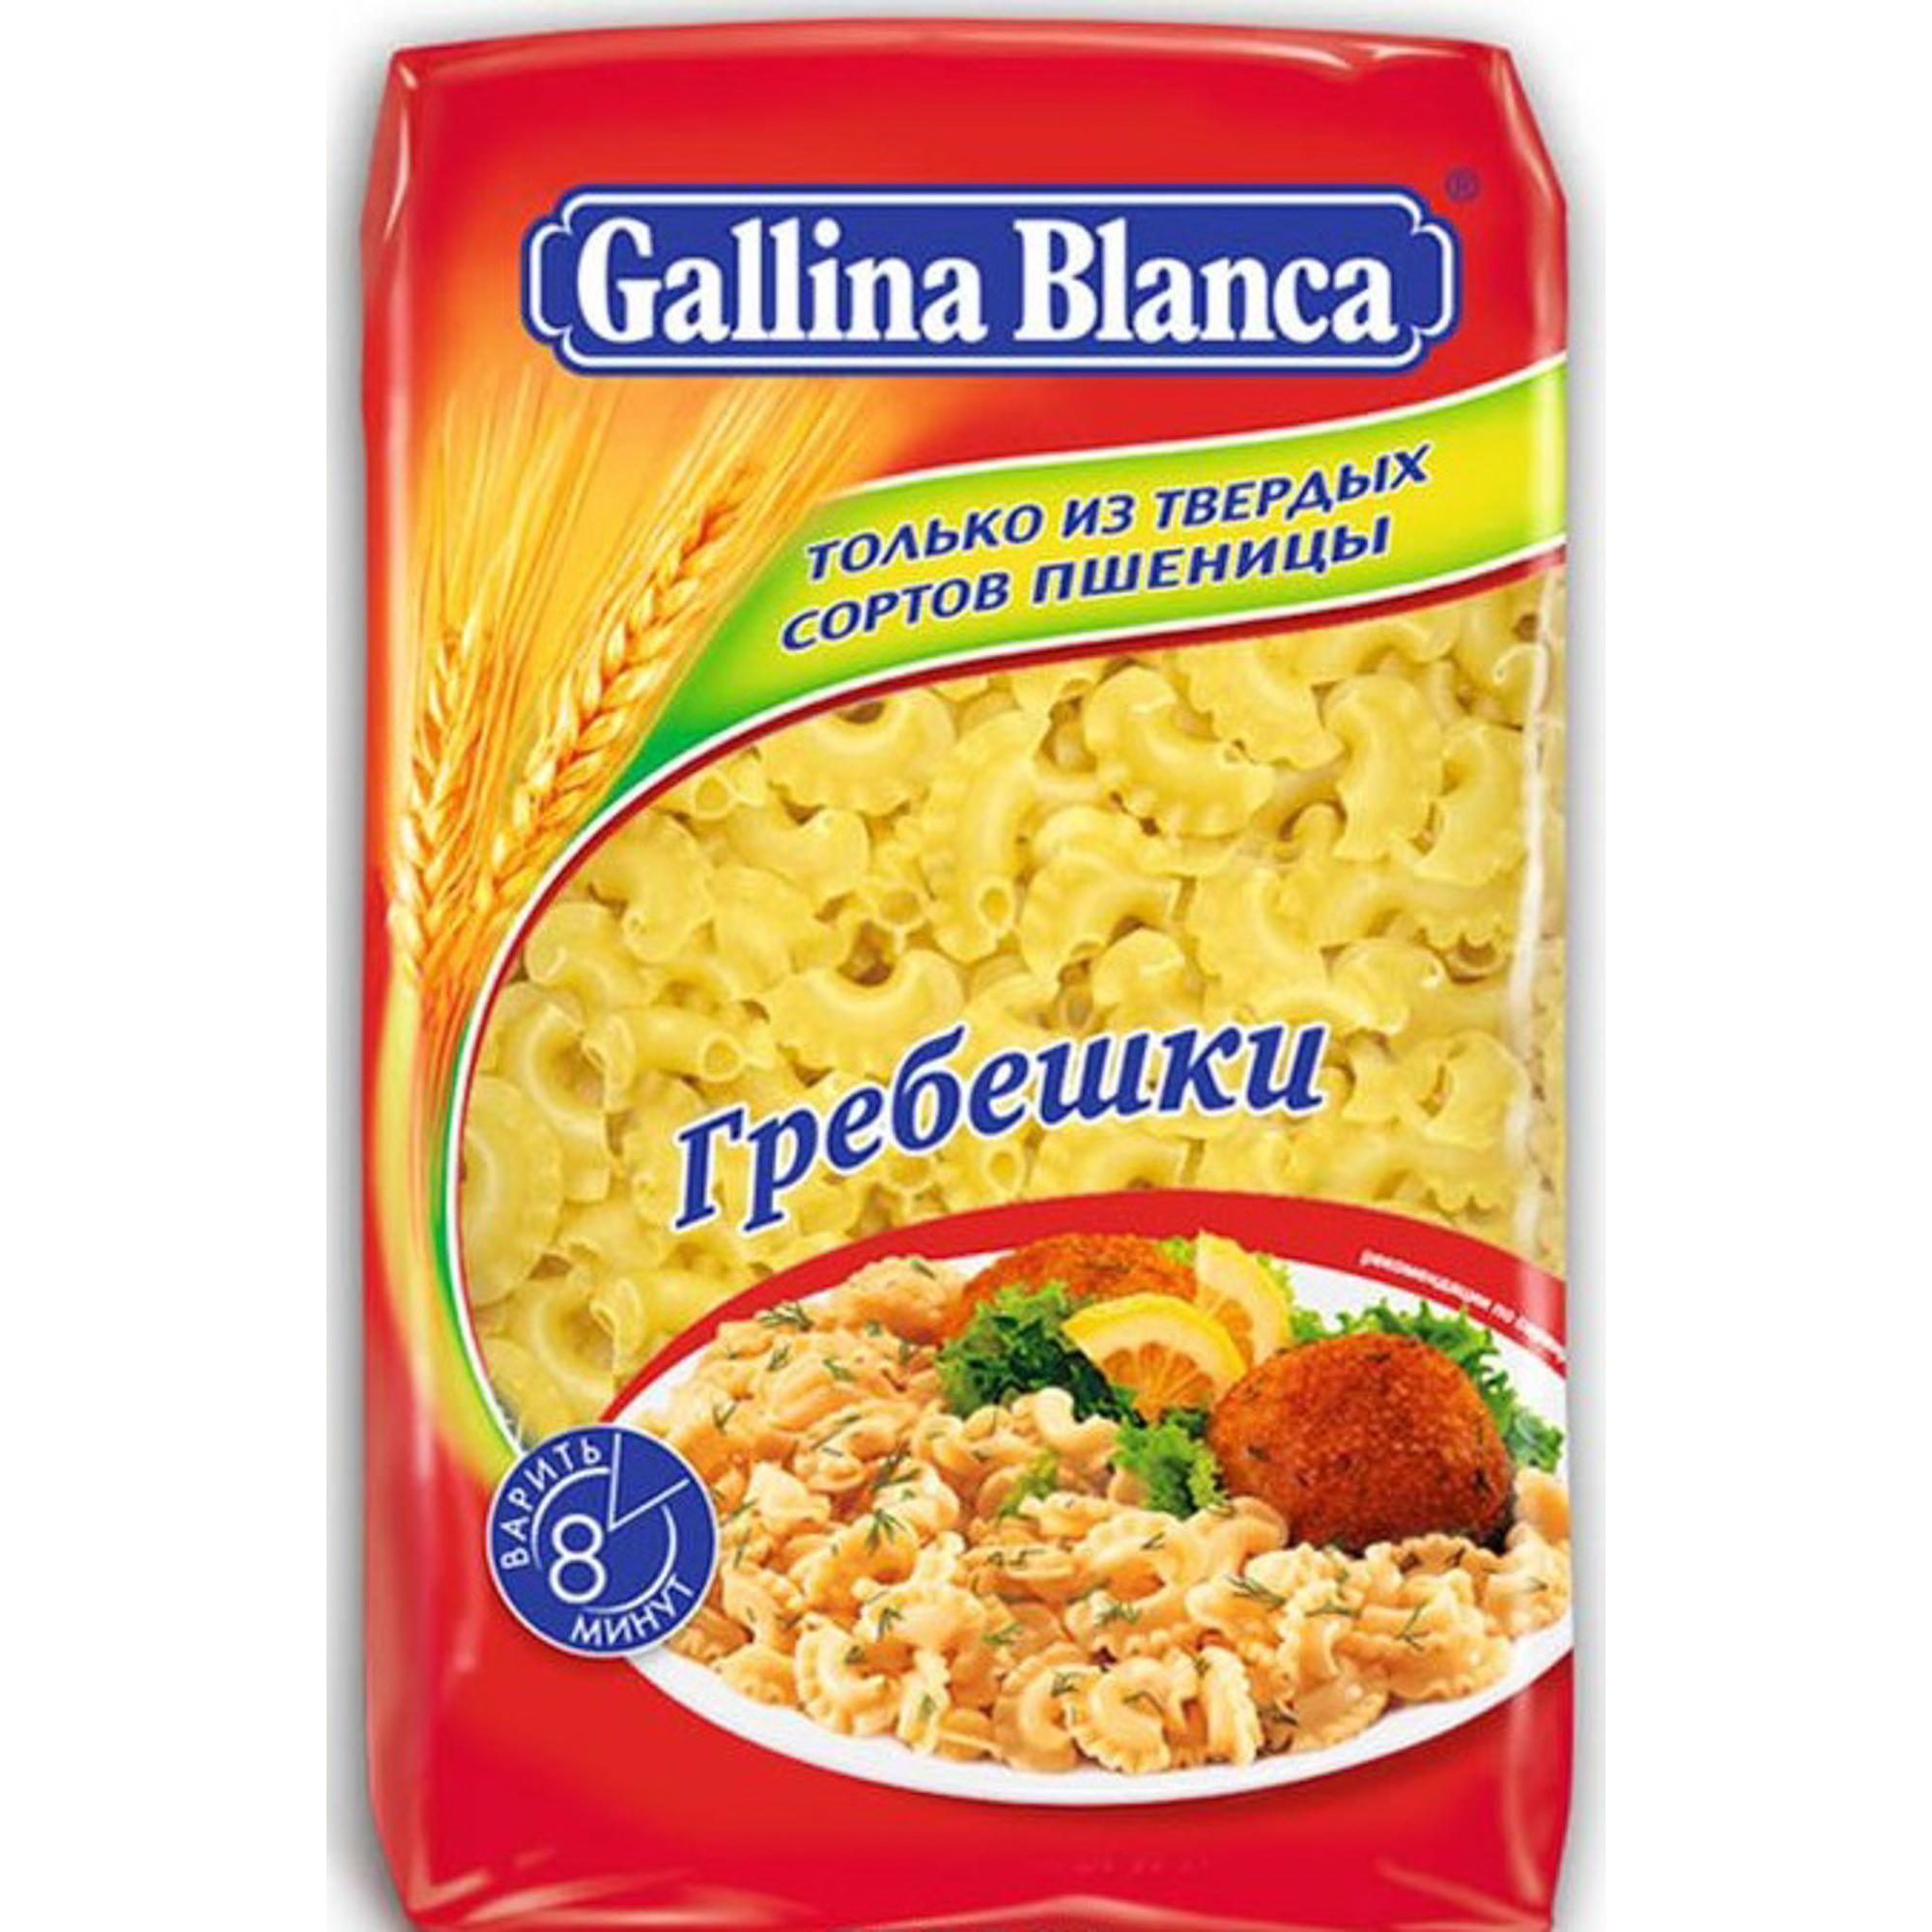 Фото - Макаронные изделия Gallina Blanca Гребешки 450 г макароны gallina blanca 450 г спагетти